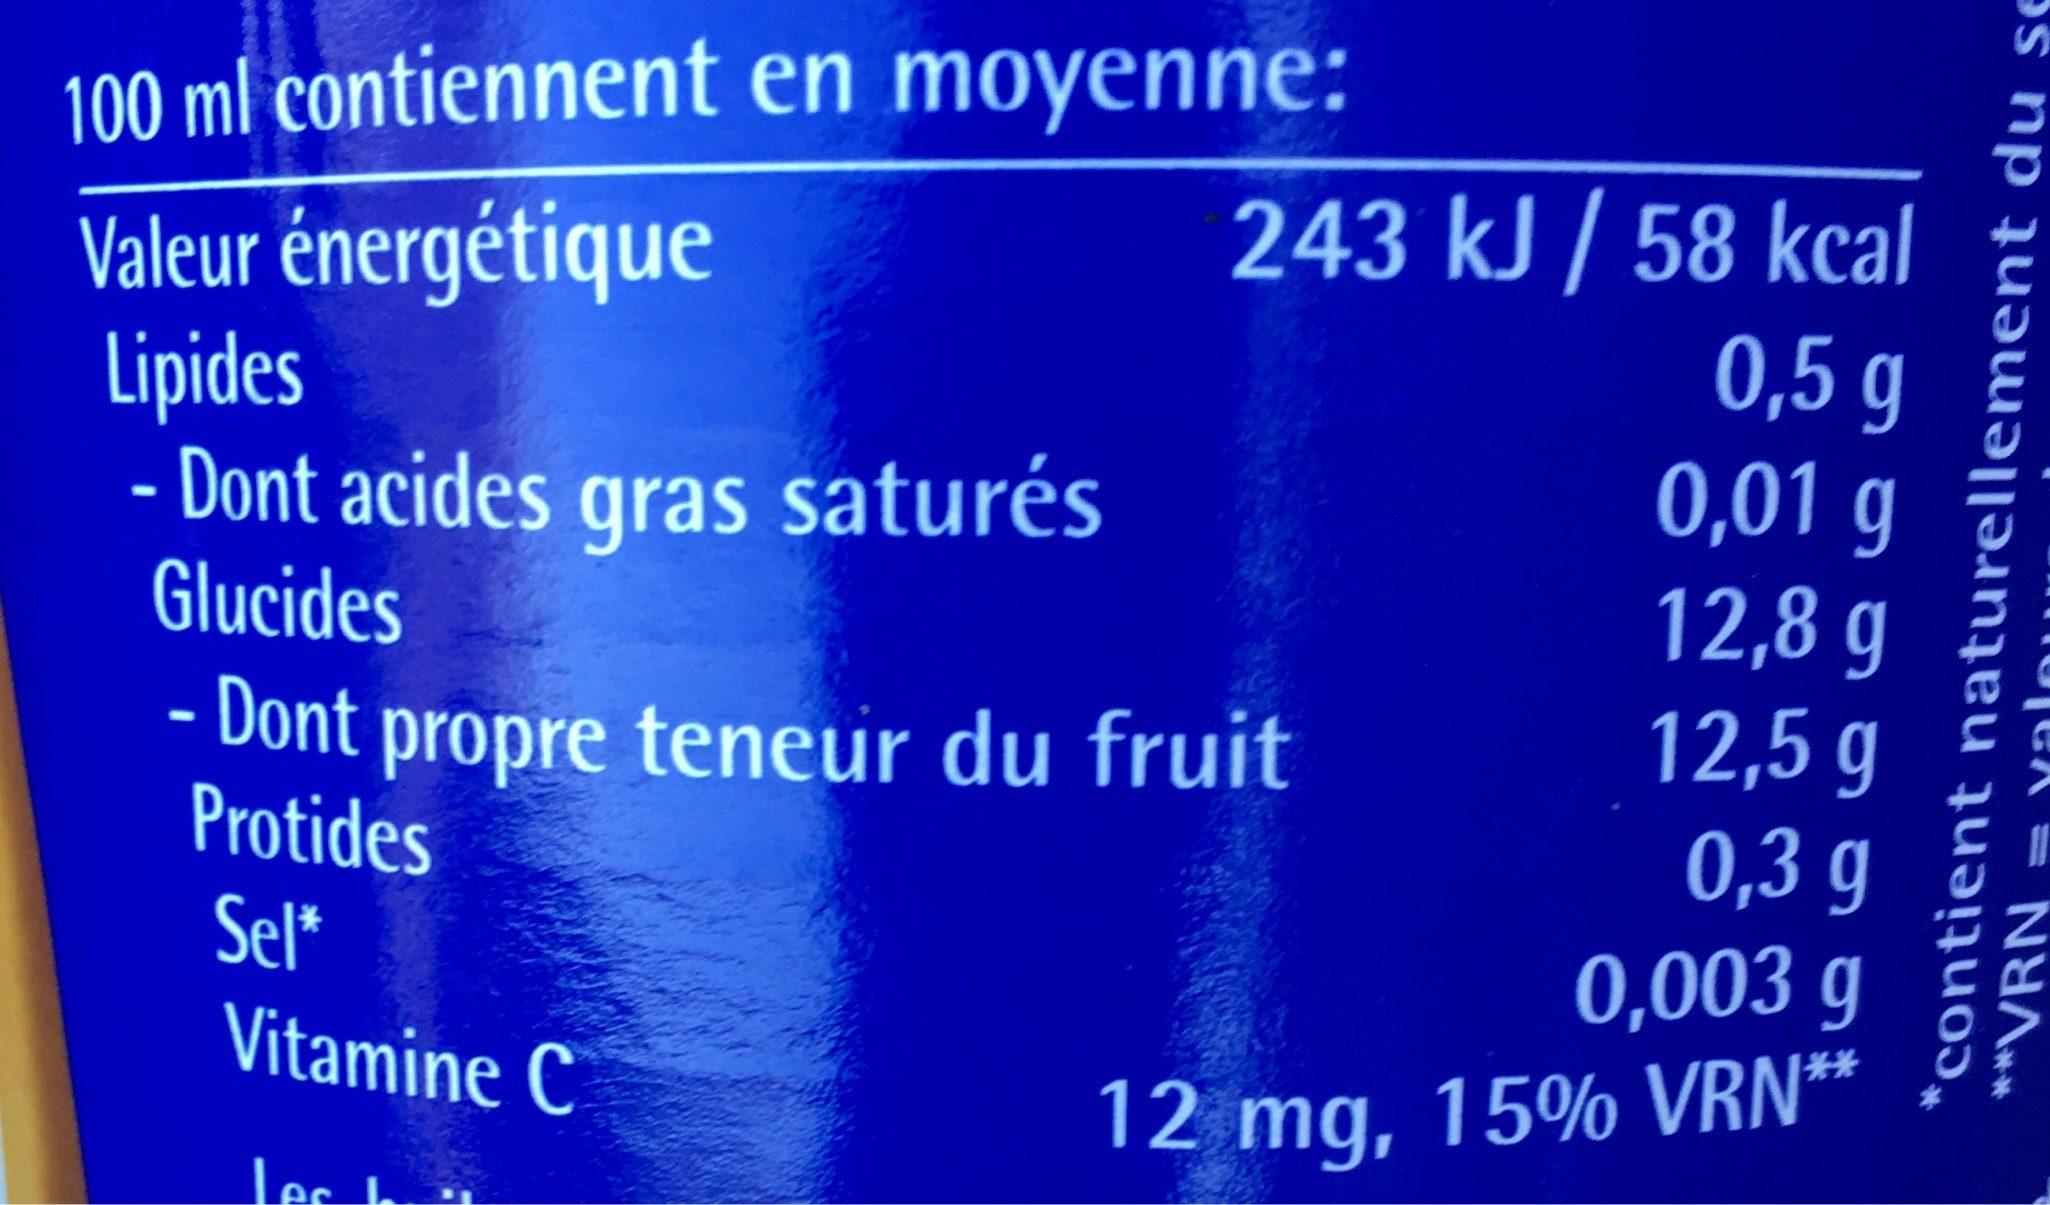 Jus de fruits Coco- Ananas - Nutrition facts